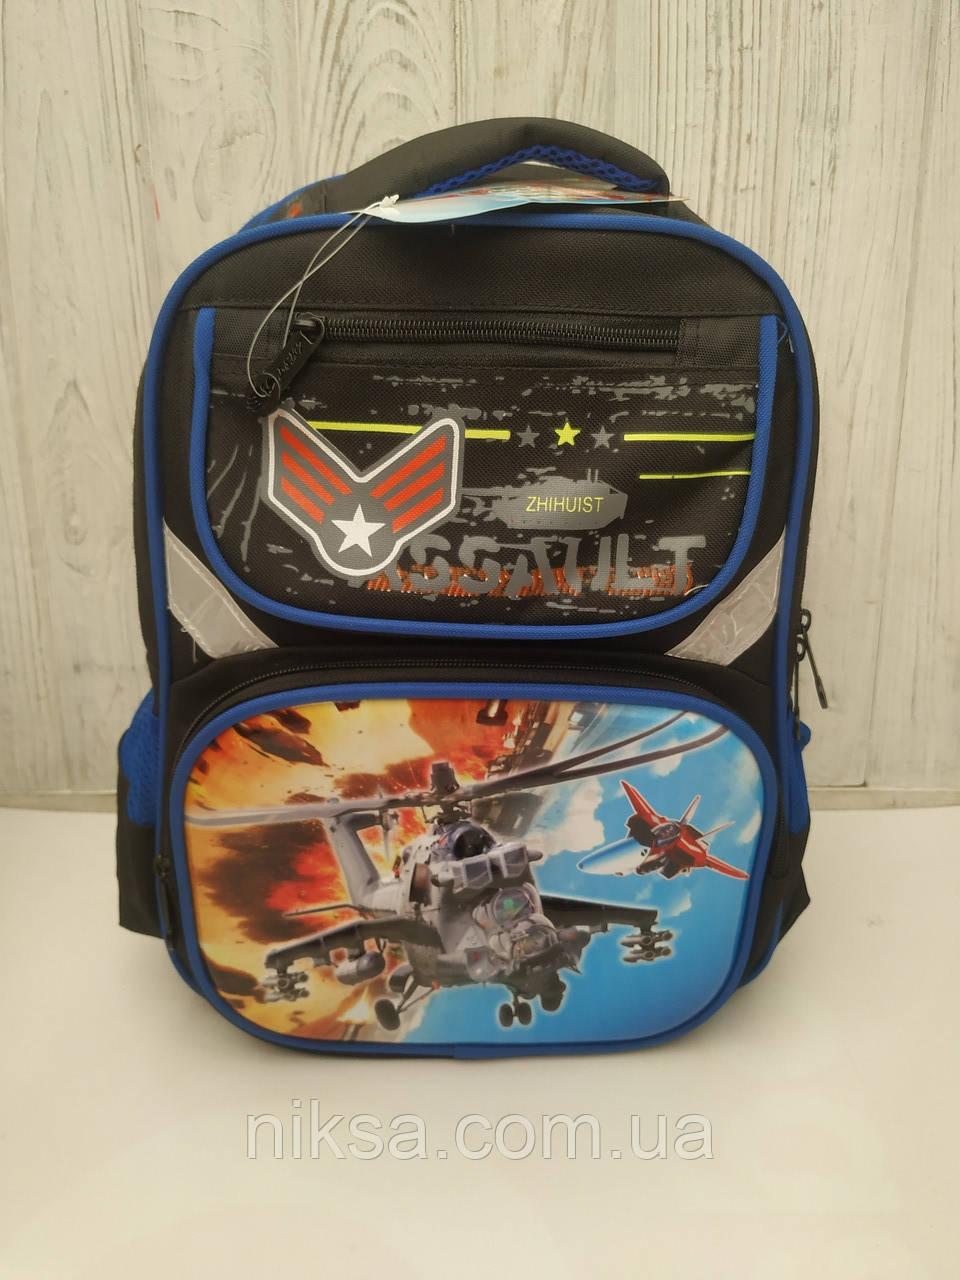 Рюкзак ортопедический для мальчика 1-4 класса размер 37*30*16